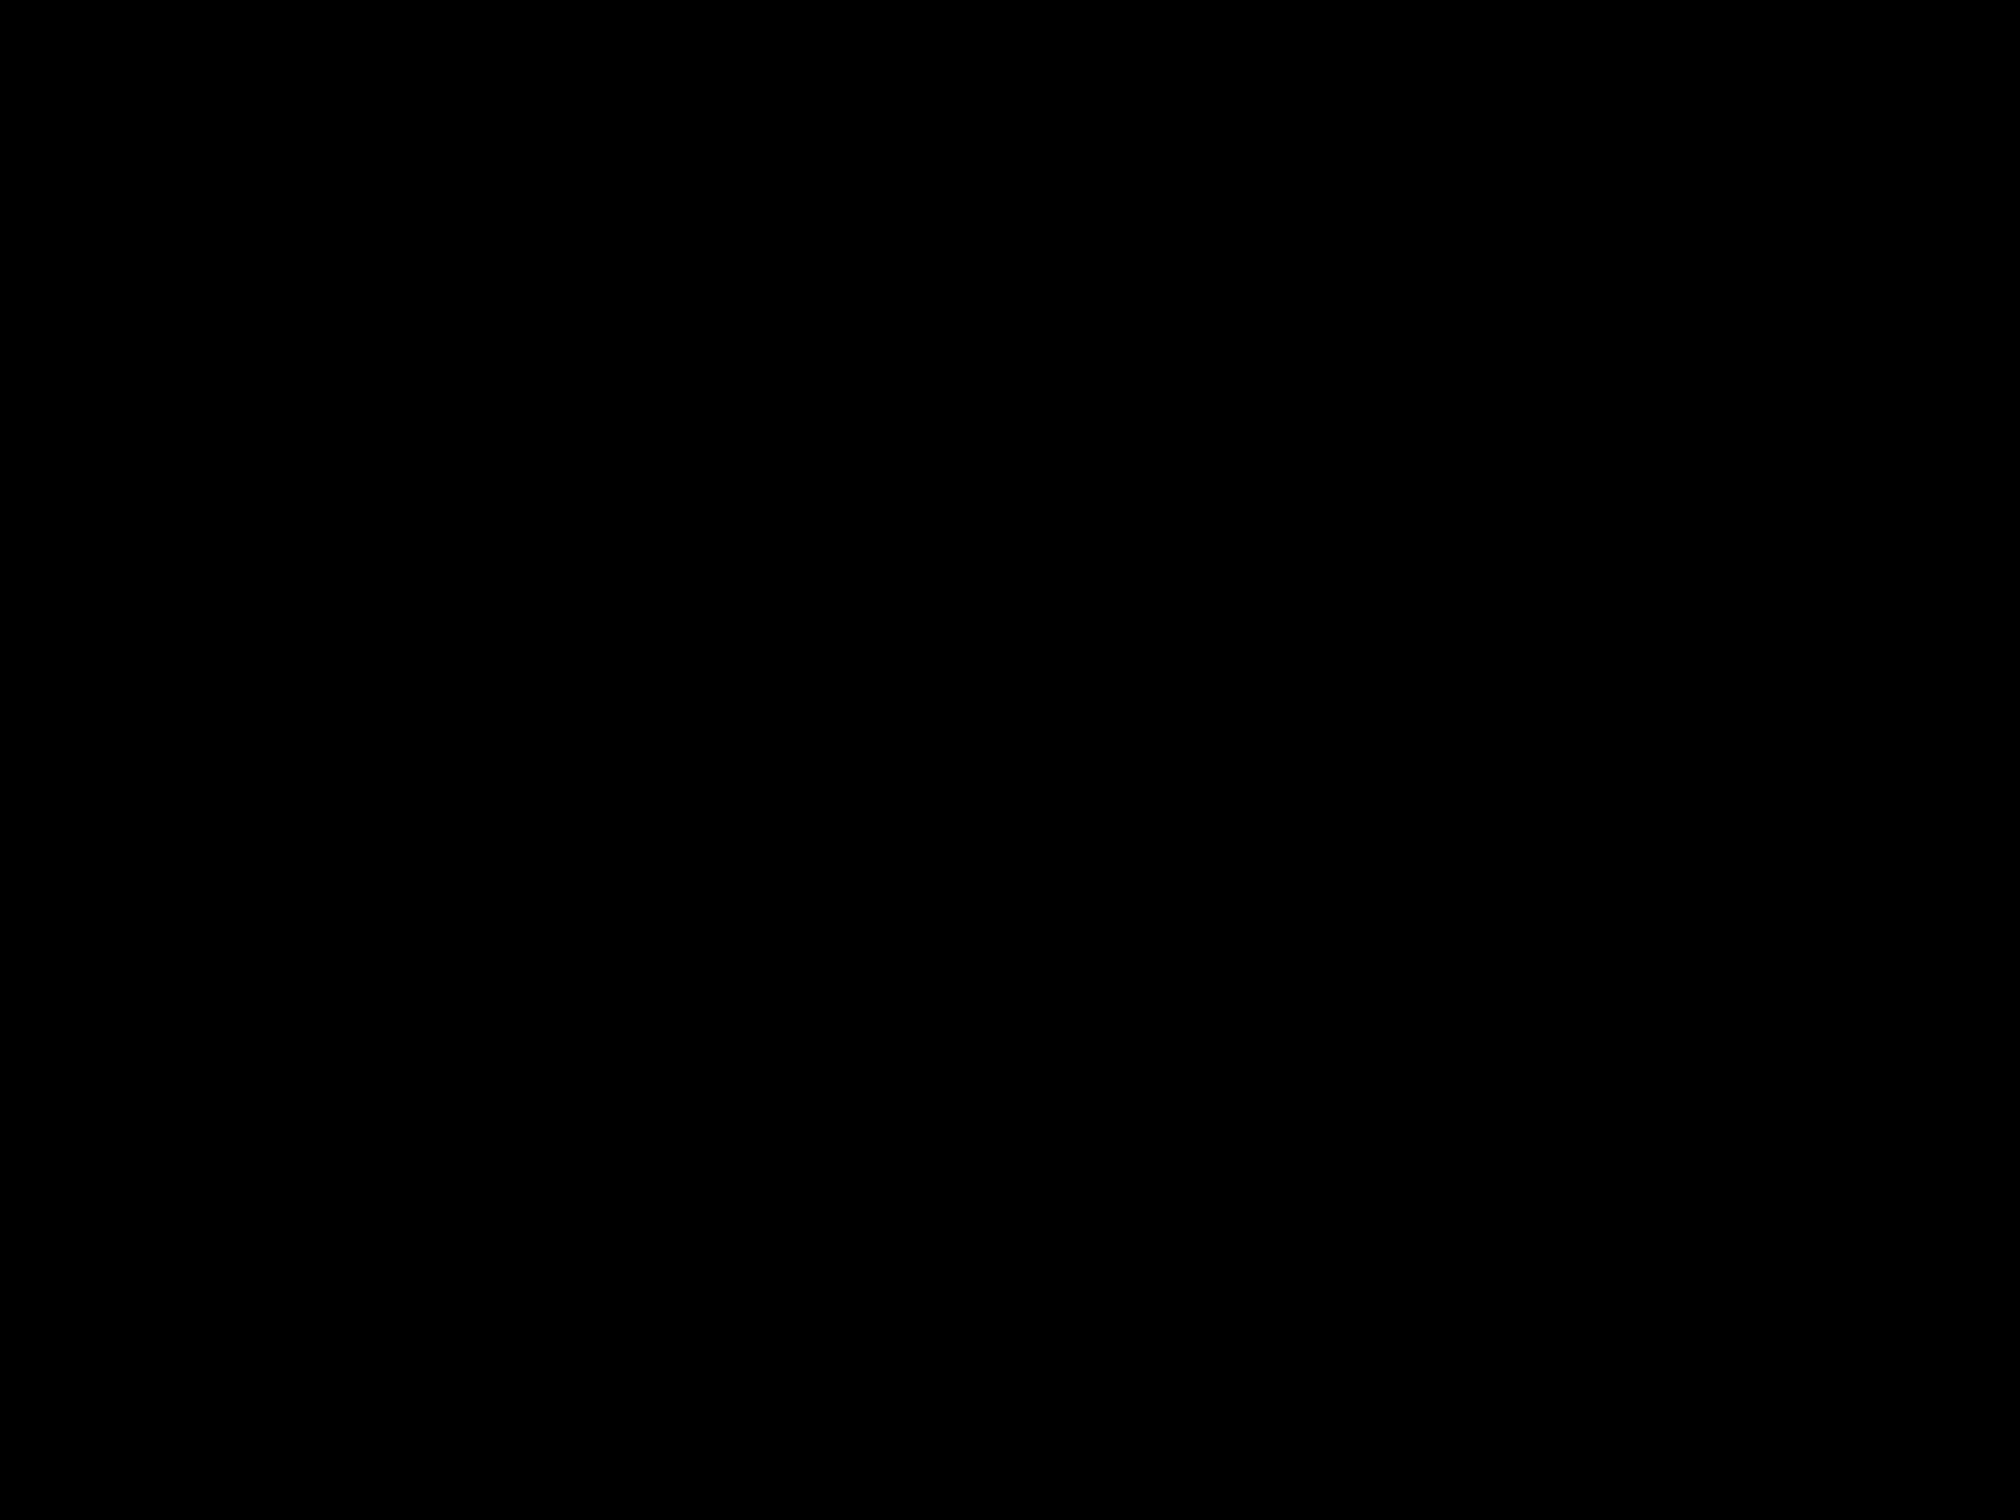 Werkzeugfräsmaschine Deckel FP 3 *TEILÜBERHOLT*- 07-07-091